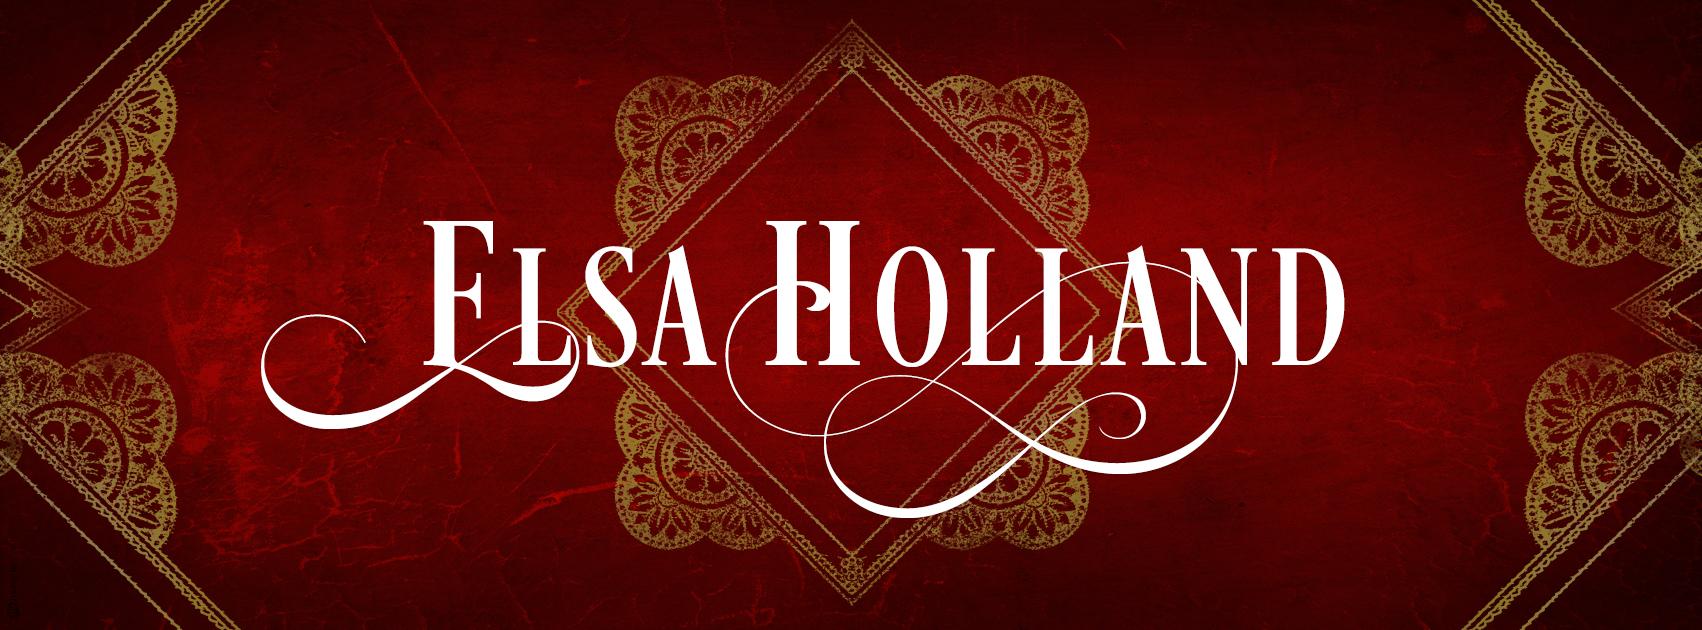 Elsa Holland